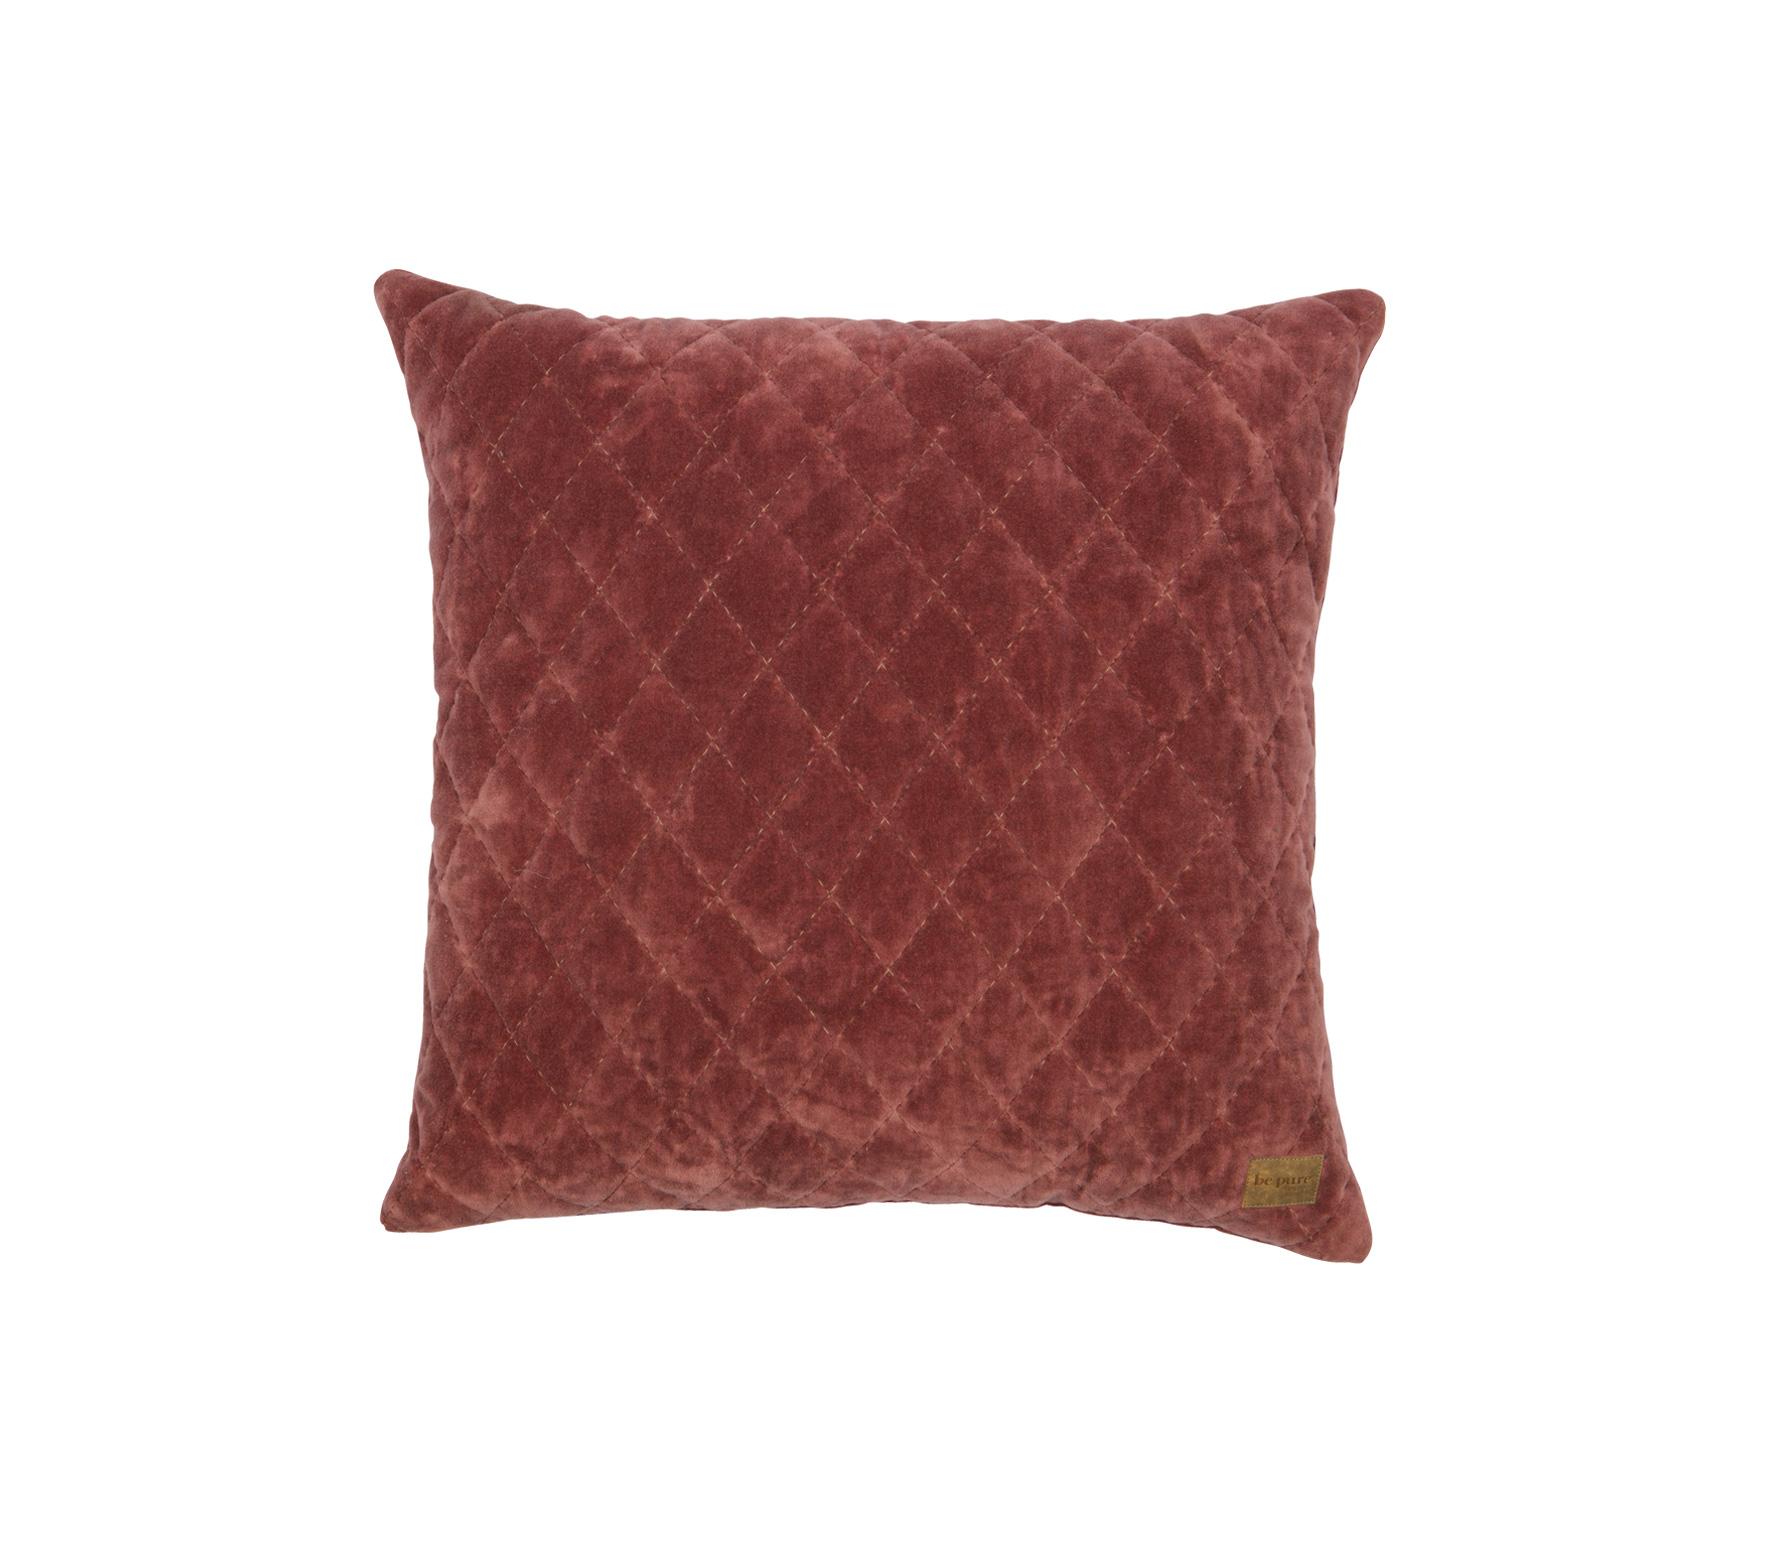 BePureHome Cuddle Diamond kussen fluweel marroon 45x45 cm vrijstaand